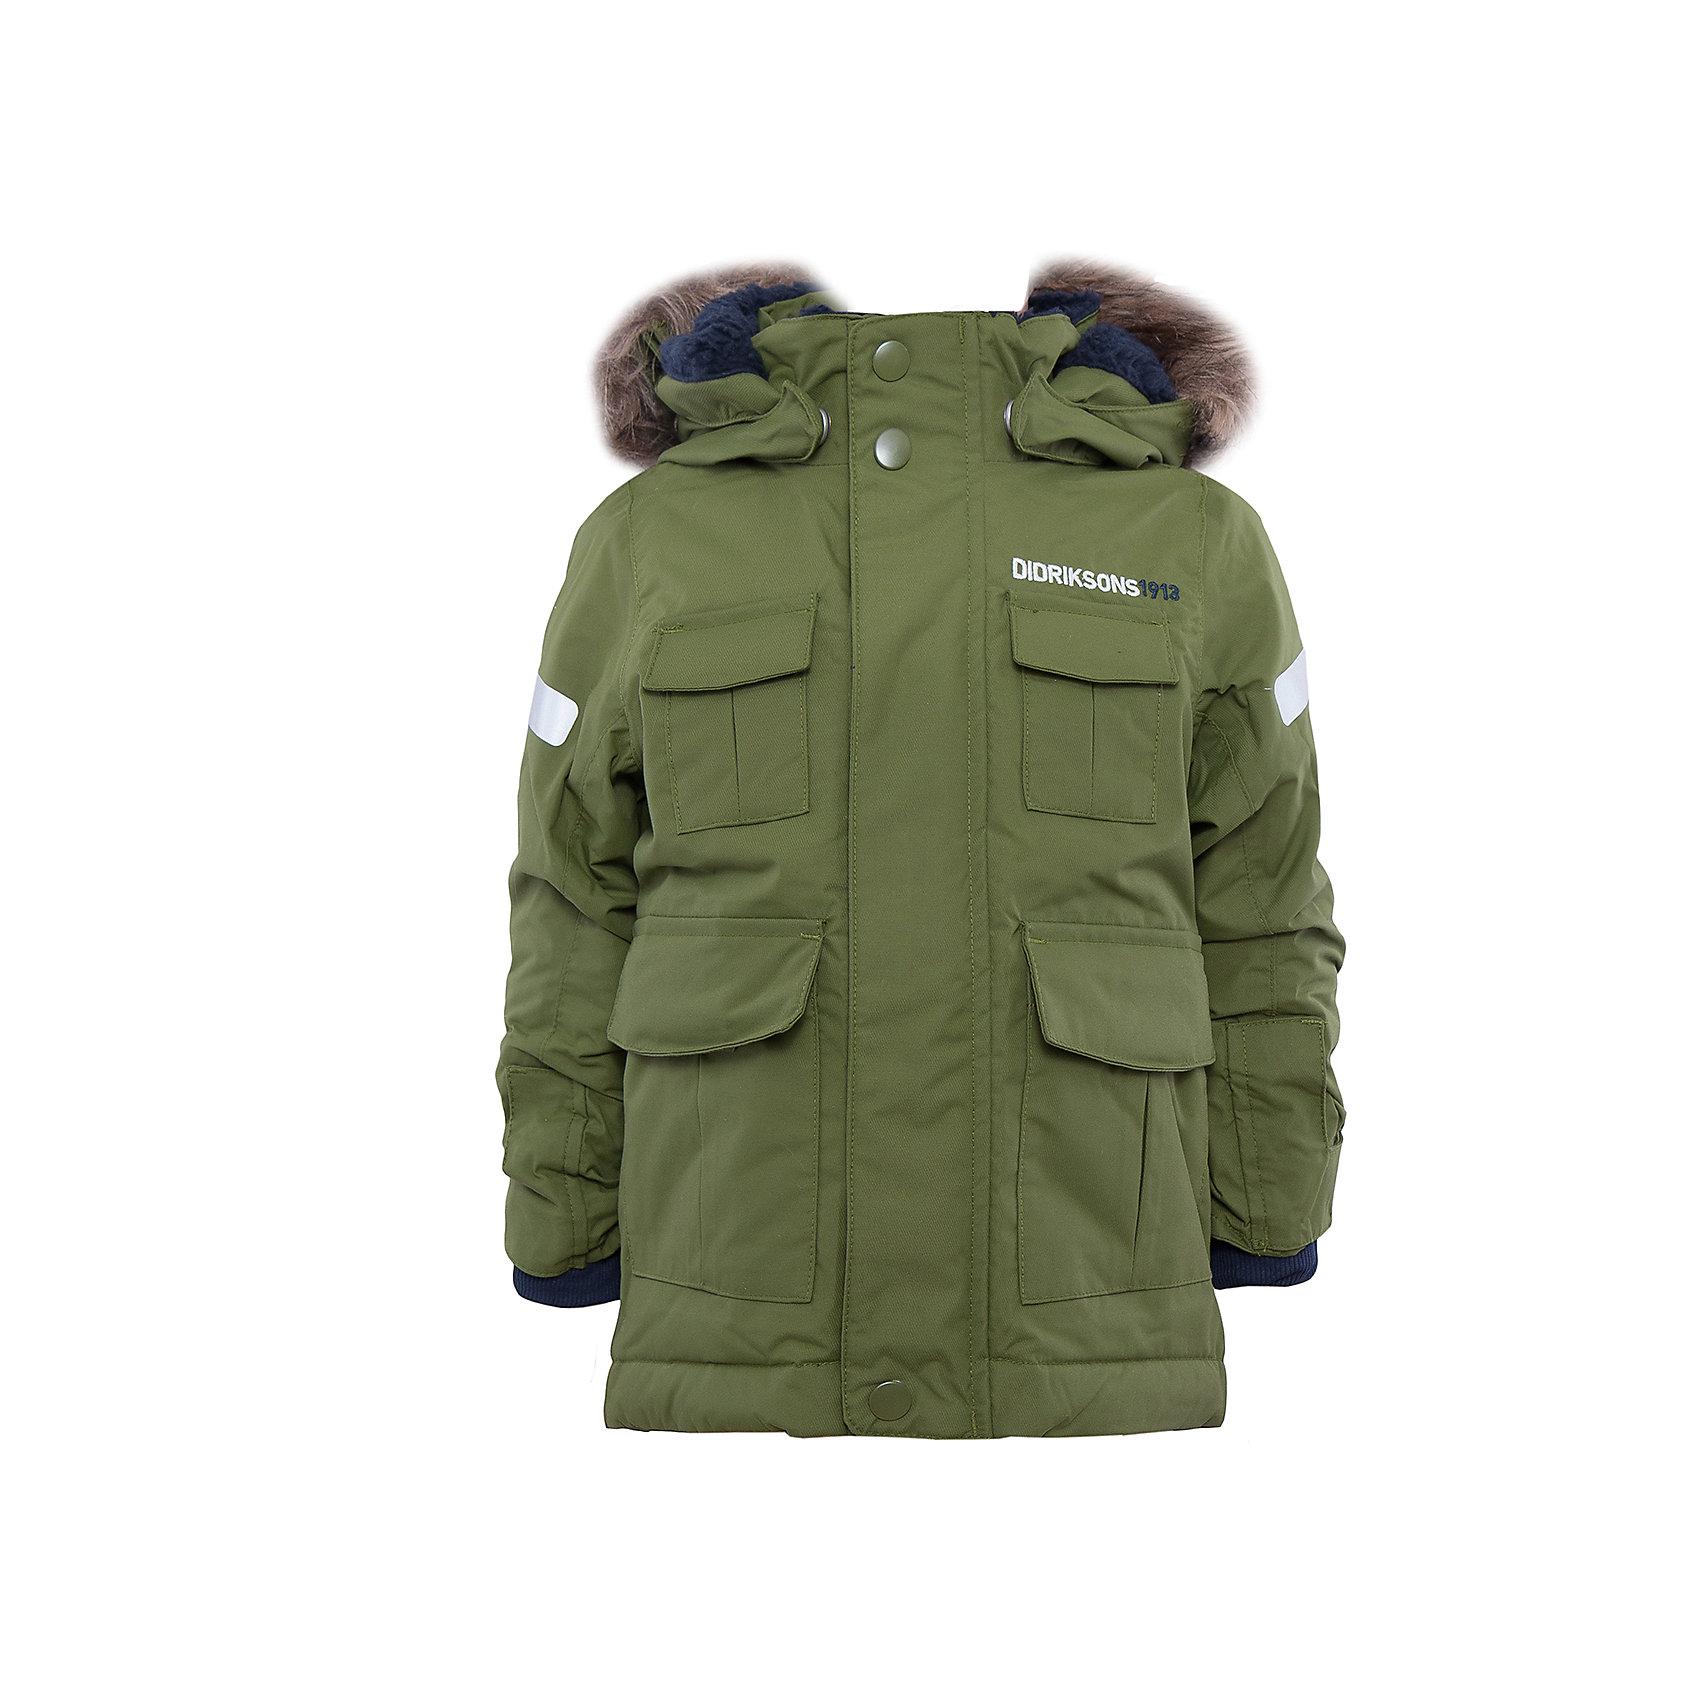 Куртка DIDRIKSONSКуртка от известного бренда DIDRIKSONS.<br>Детская парка из непромокаемой и непродуваемой мембранной ткани. Дополнительная пропитка и прокленные швы обеспечивают максимальную защиту от внешней влаги. Утеплитель - 160 г/м. На спинке подкладка из искусственного меха. Регулируемый съемный капюшон и ширина рукавов. Съемный мех на капюшоне. Внутренние трикотажные манжеты. Фронтальная молния под планкой. Светоотражатели. Модель растет вместе с ребенком. Специальный крой позволяет при необходимости увеличить длину рукавов на один размер. Эргономичный крой. Отличная модель для прогулок и активного отдыха зимой.<br>Состав:<br>Верх - 100% полиамид, подкладка - 100% полиэстер<br><br>Ширина мм: 359<br>Глубина мм: 256<br>Высота мм: 111<br>Вес г: 545<br>Цвет: хаки<br>Возраст от месяцев: 12<br>Возраст до месяцев: 24<br>Пол: Мужской<br>Возраст: Детский<br>Размер: 128/134,122/128,110/116,98/104,92/98,80/86,140<br>SKU: 4881236